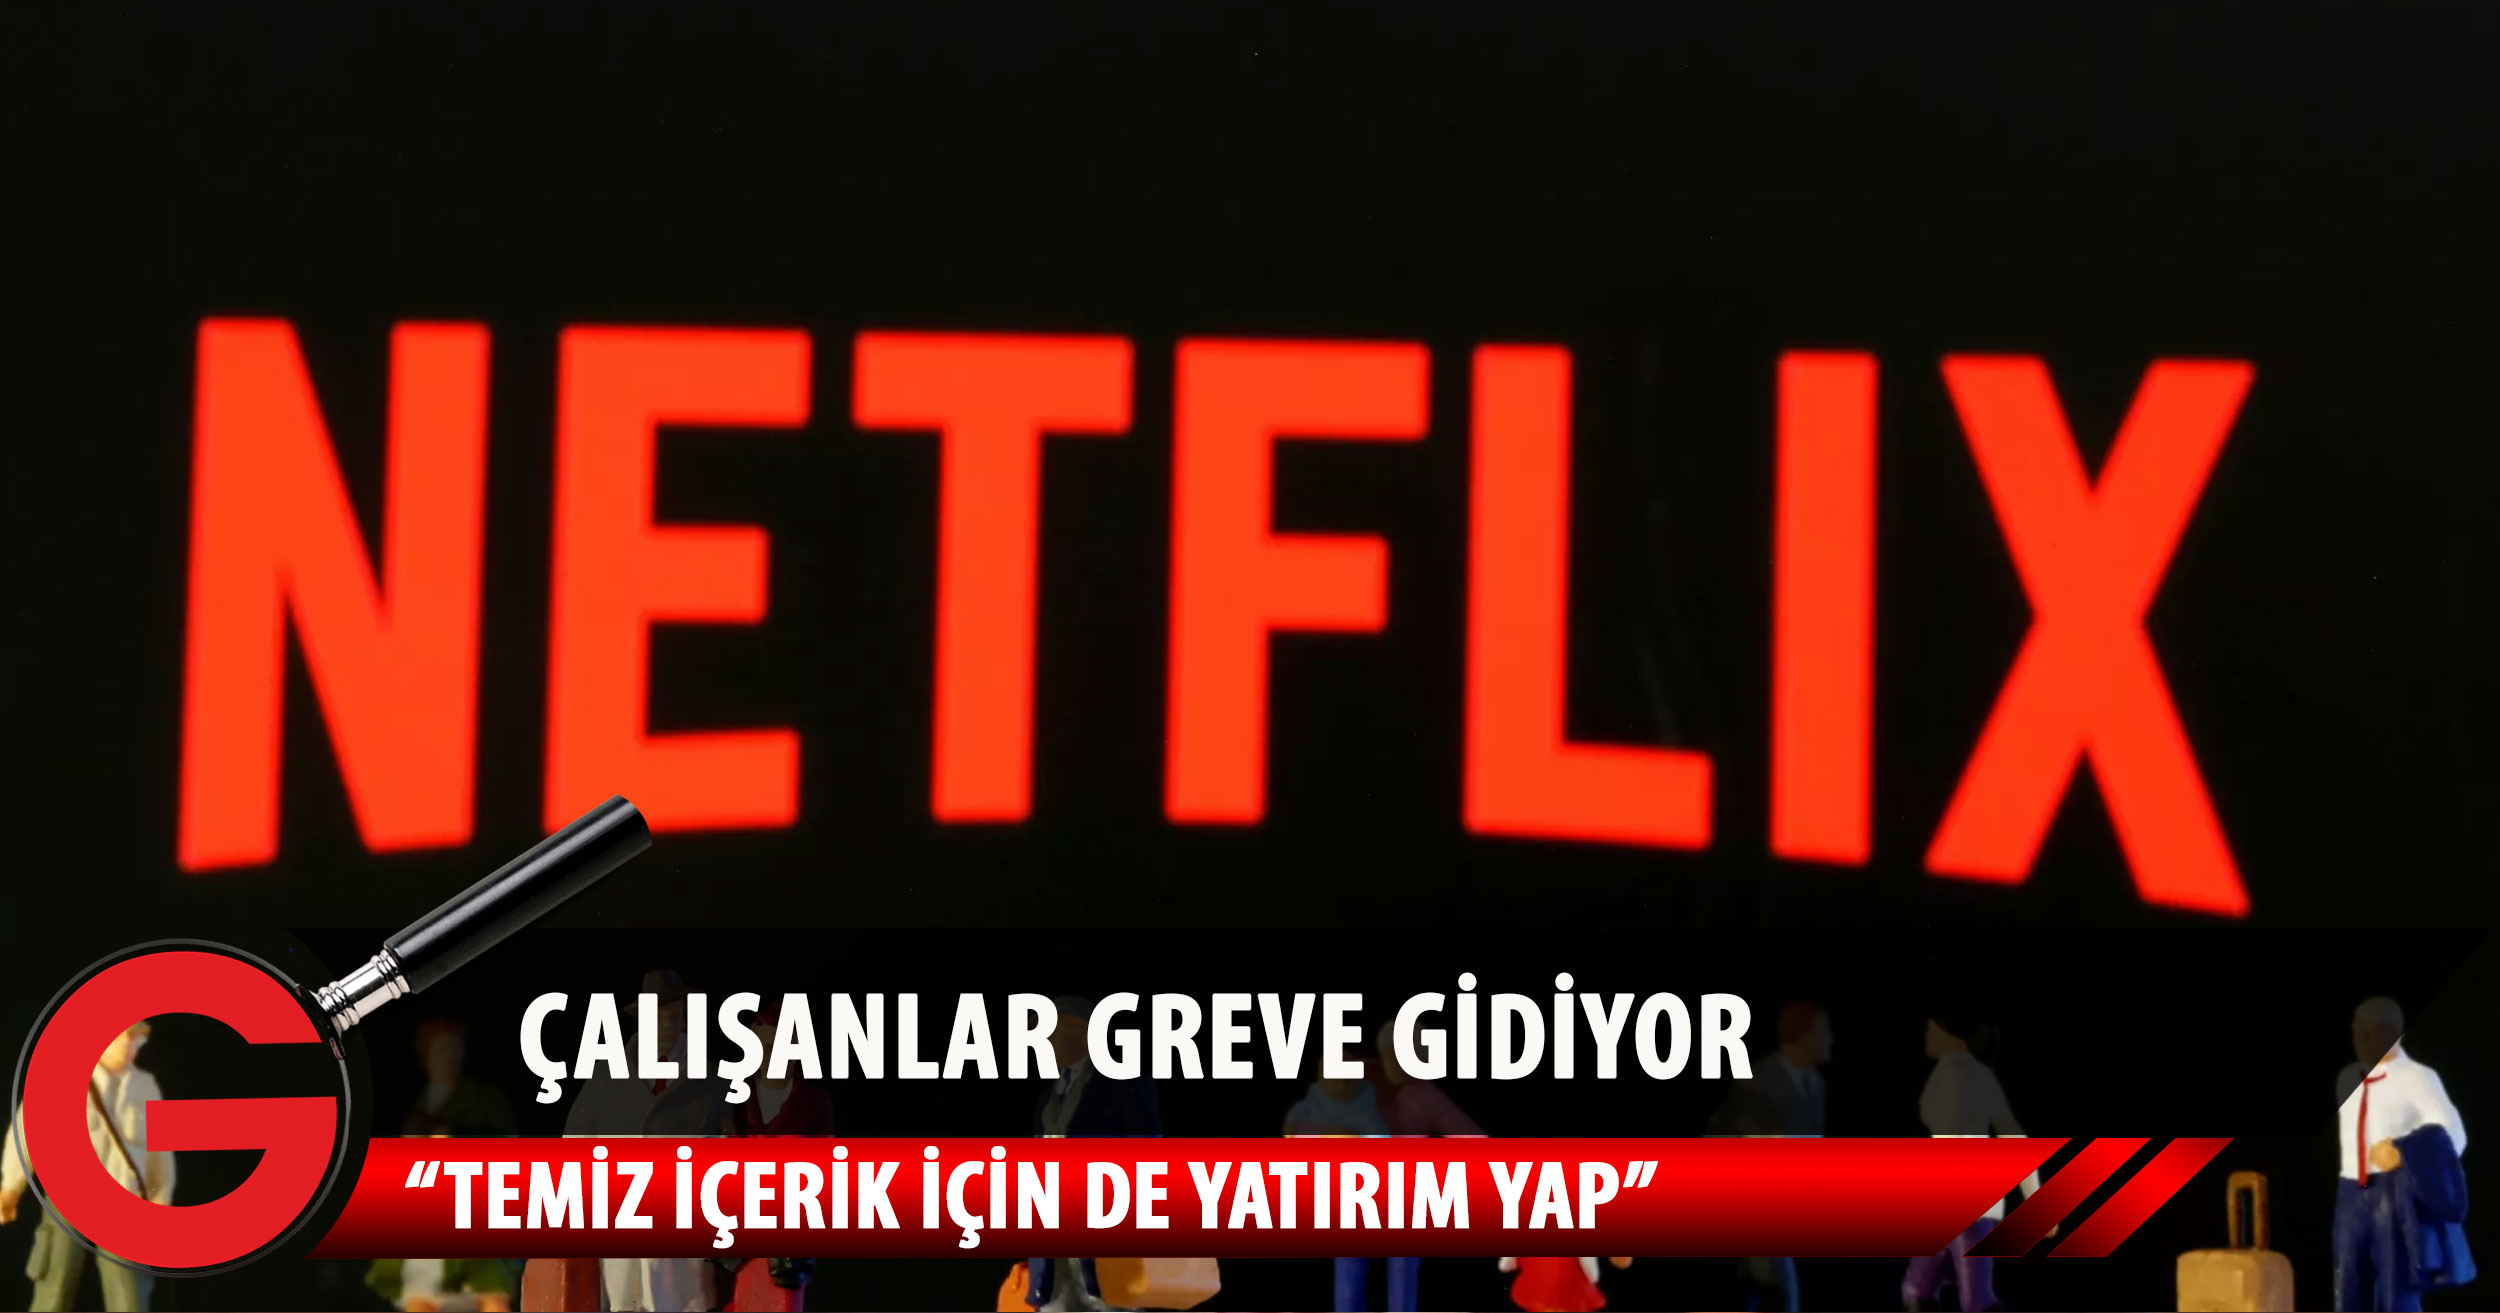 Netflix çalışanları greve gidiyor